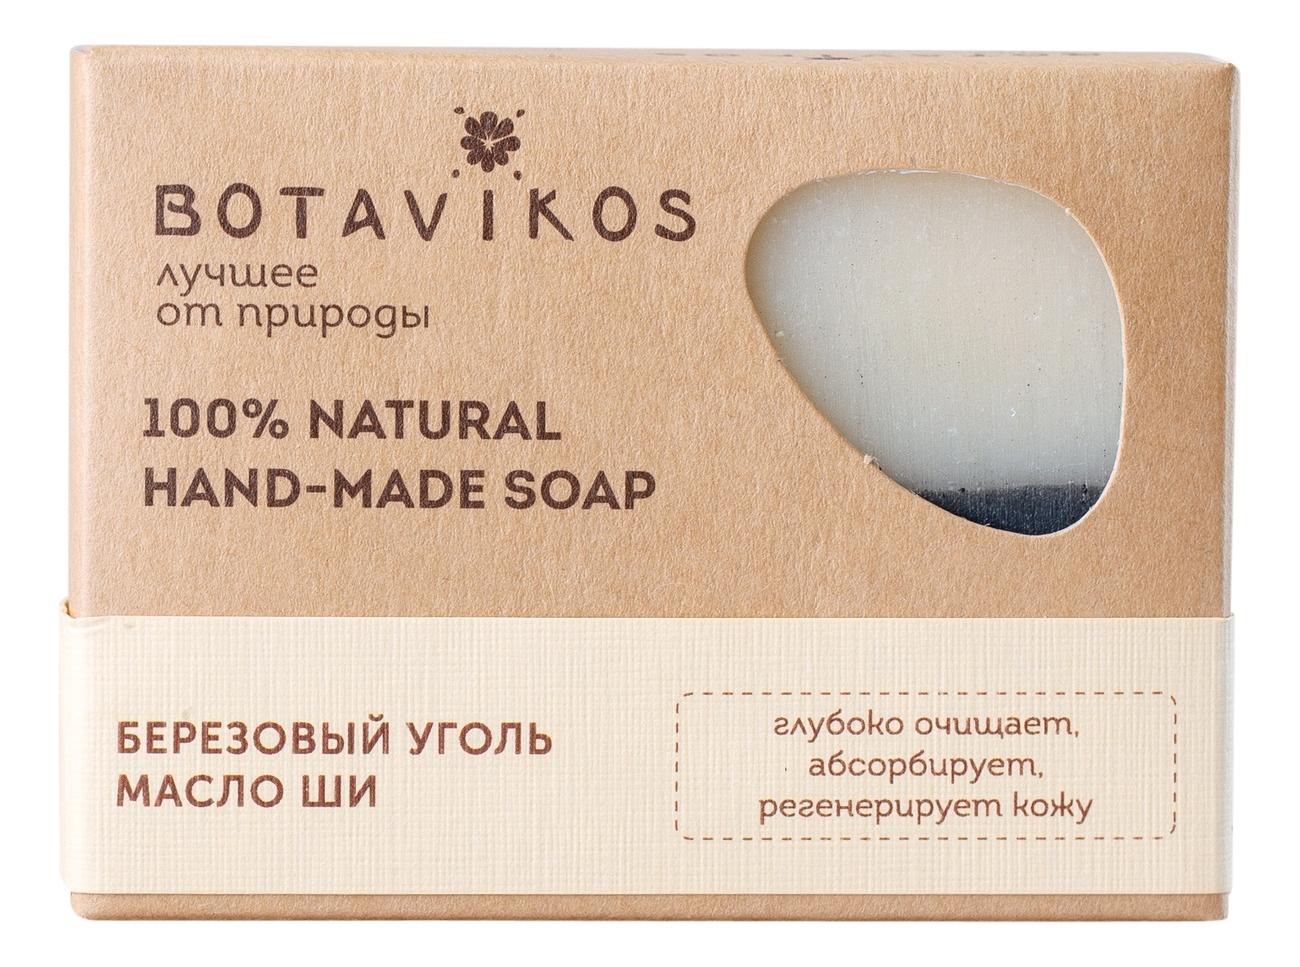 Натуральное мыло ручной работы 100% Natural Hand-Made Soap 100г (березовый уголь и масло ши)